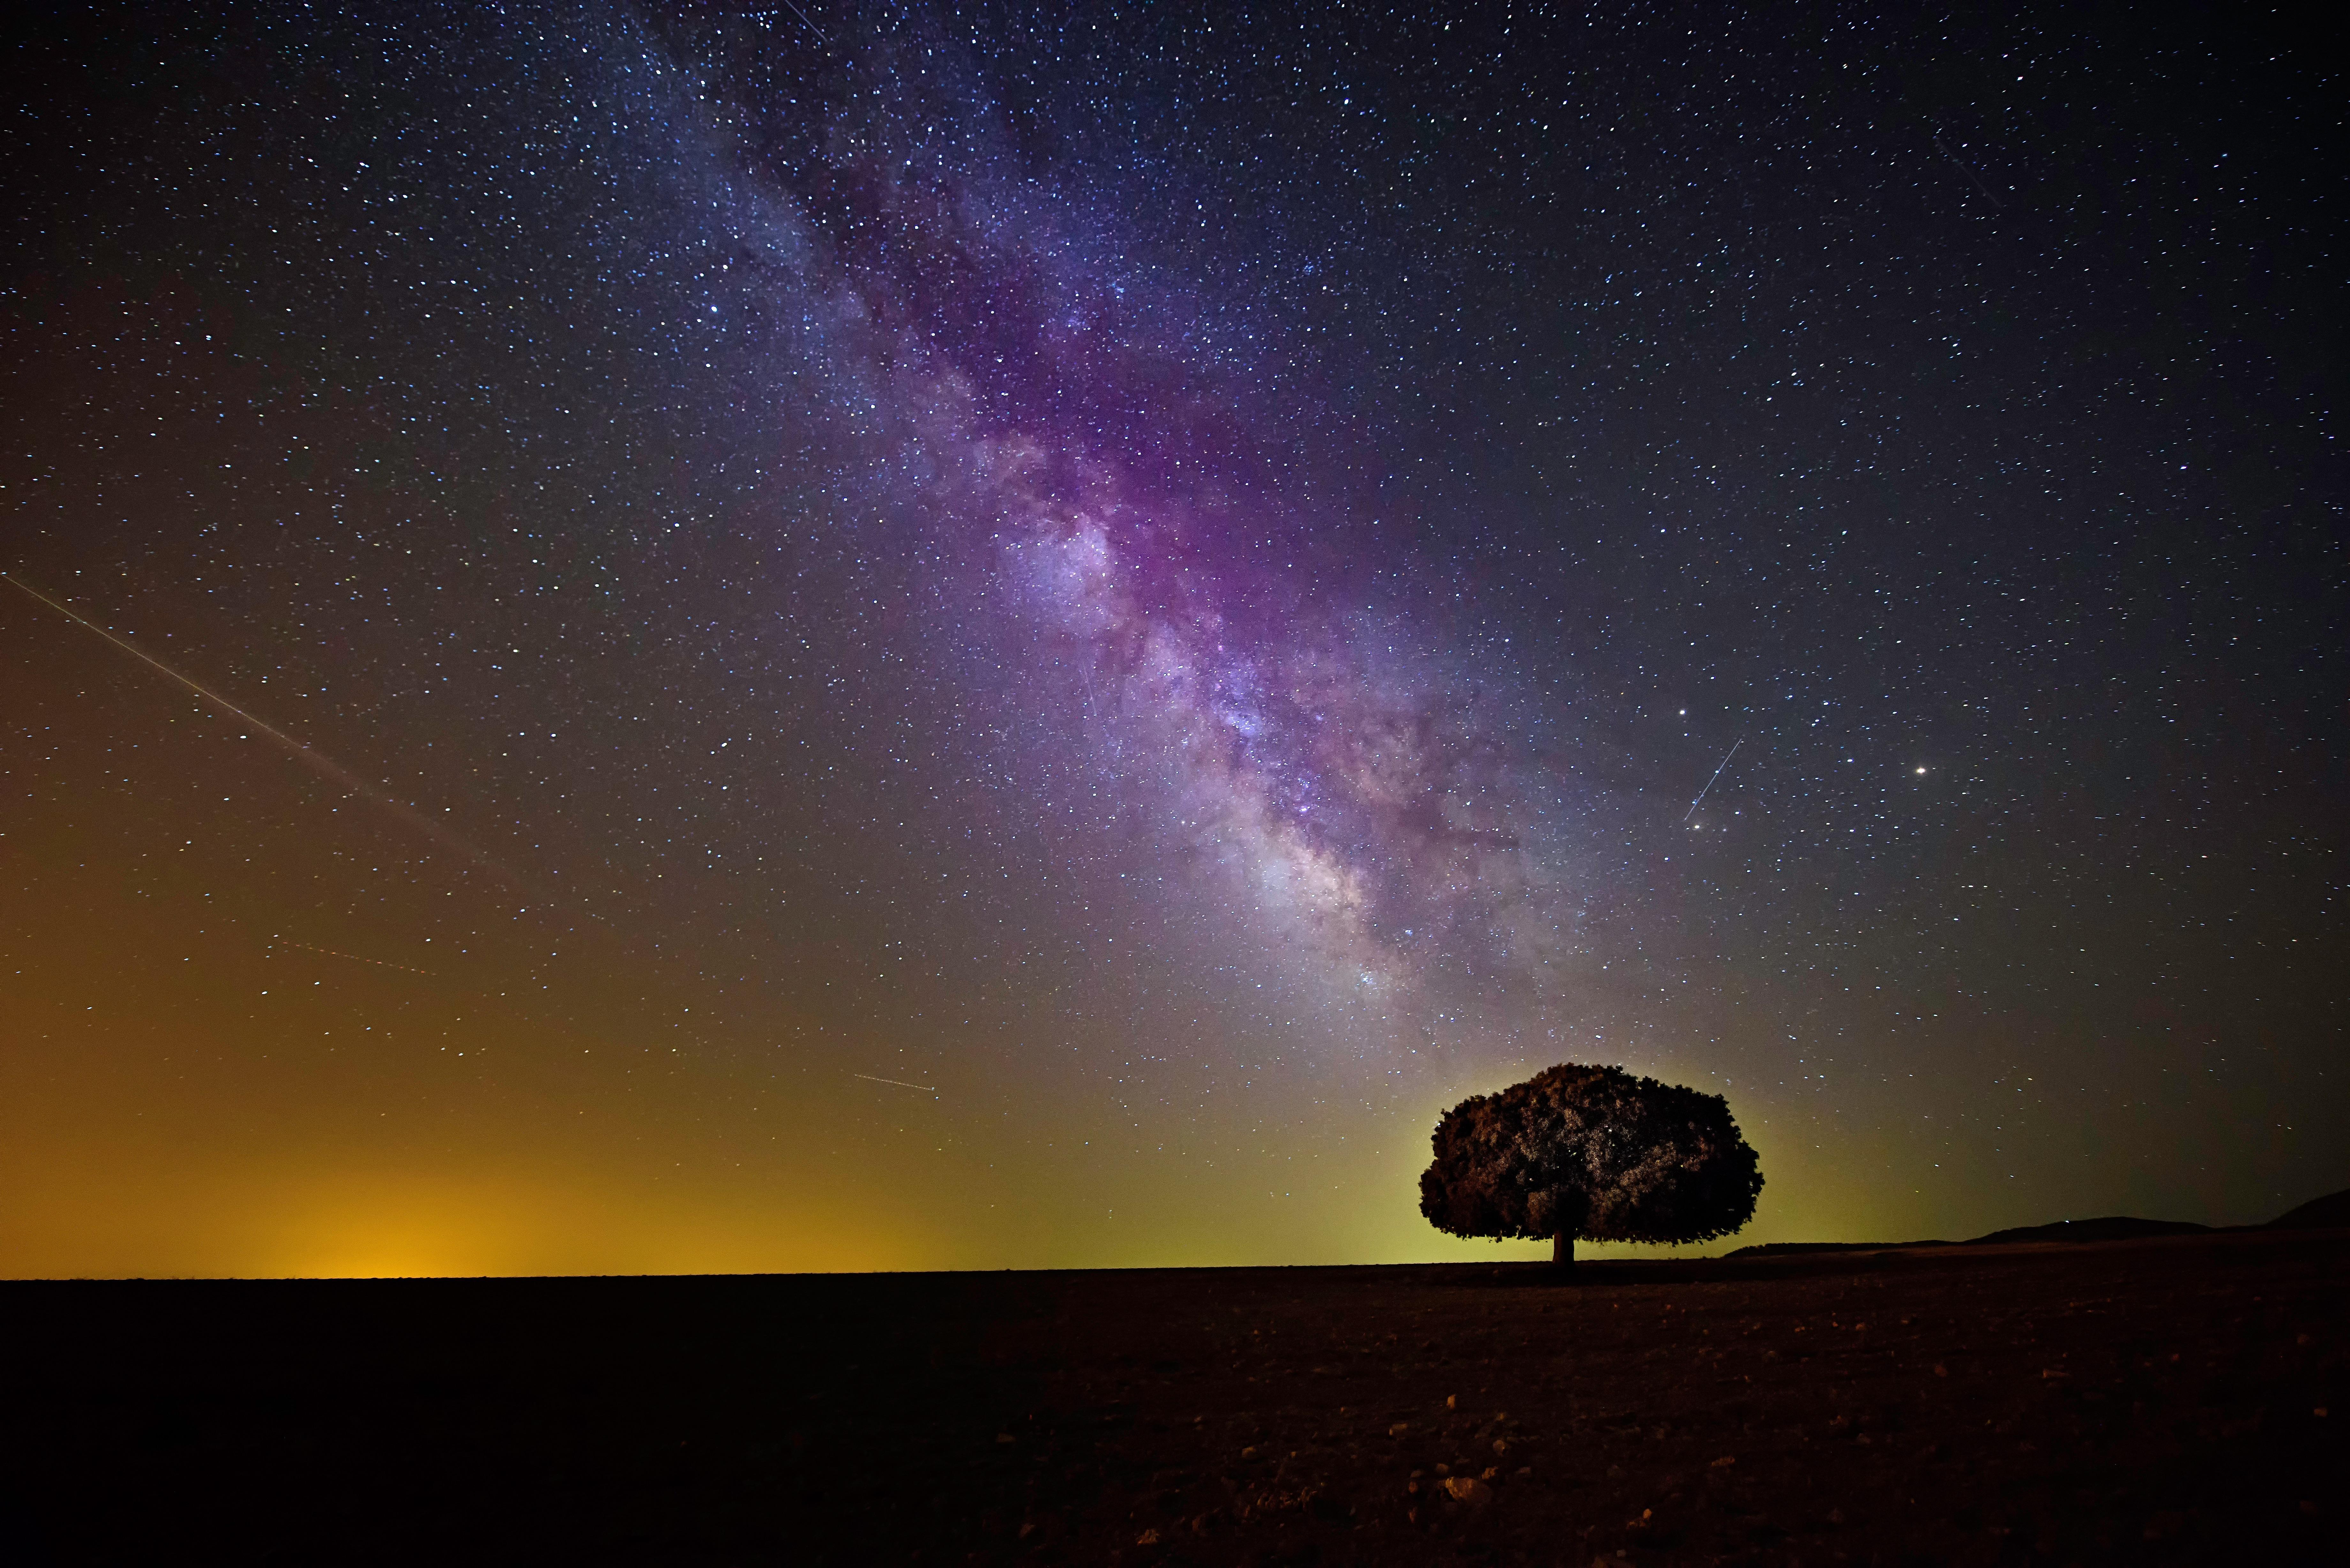 图片素材 树 天空 晚 大气层 流星 星系 夜空 外太空 天文学